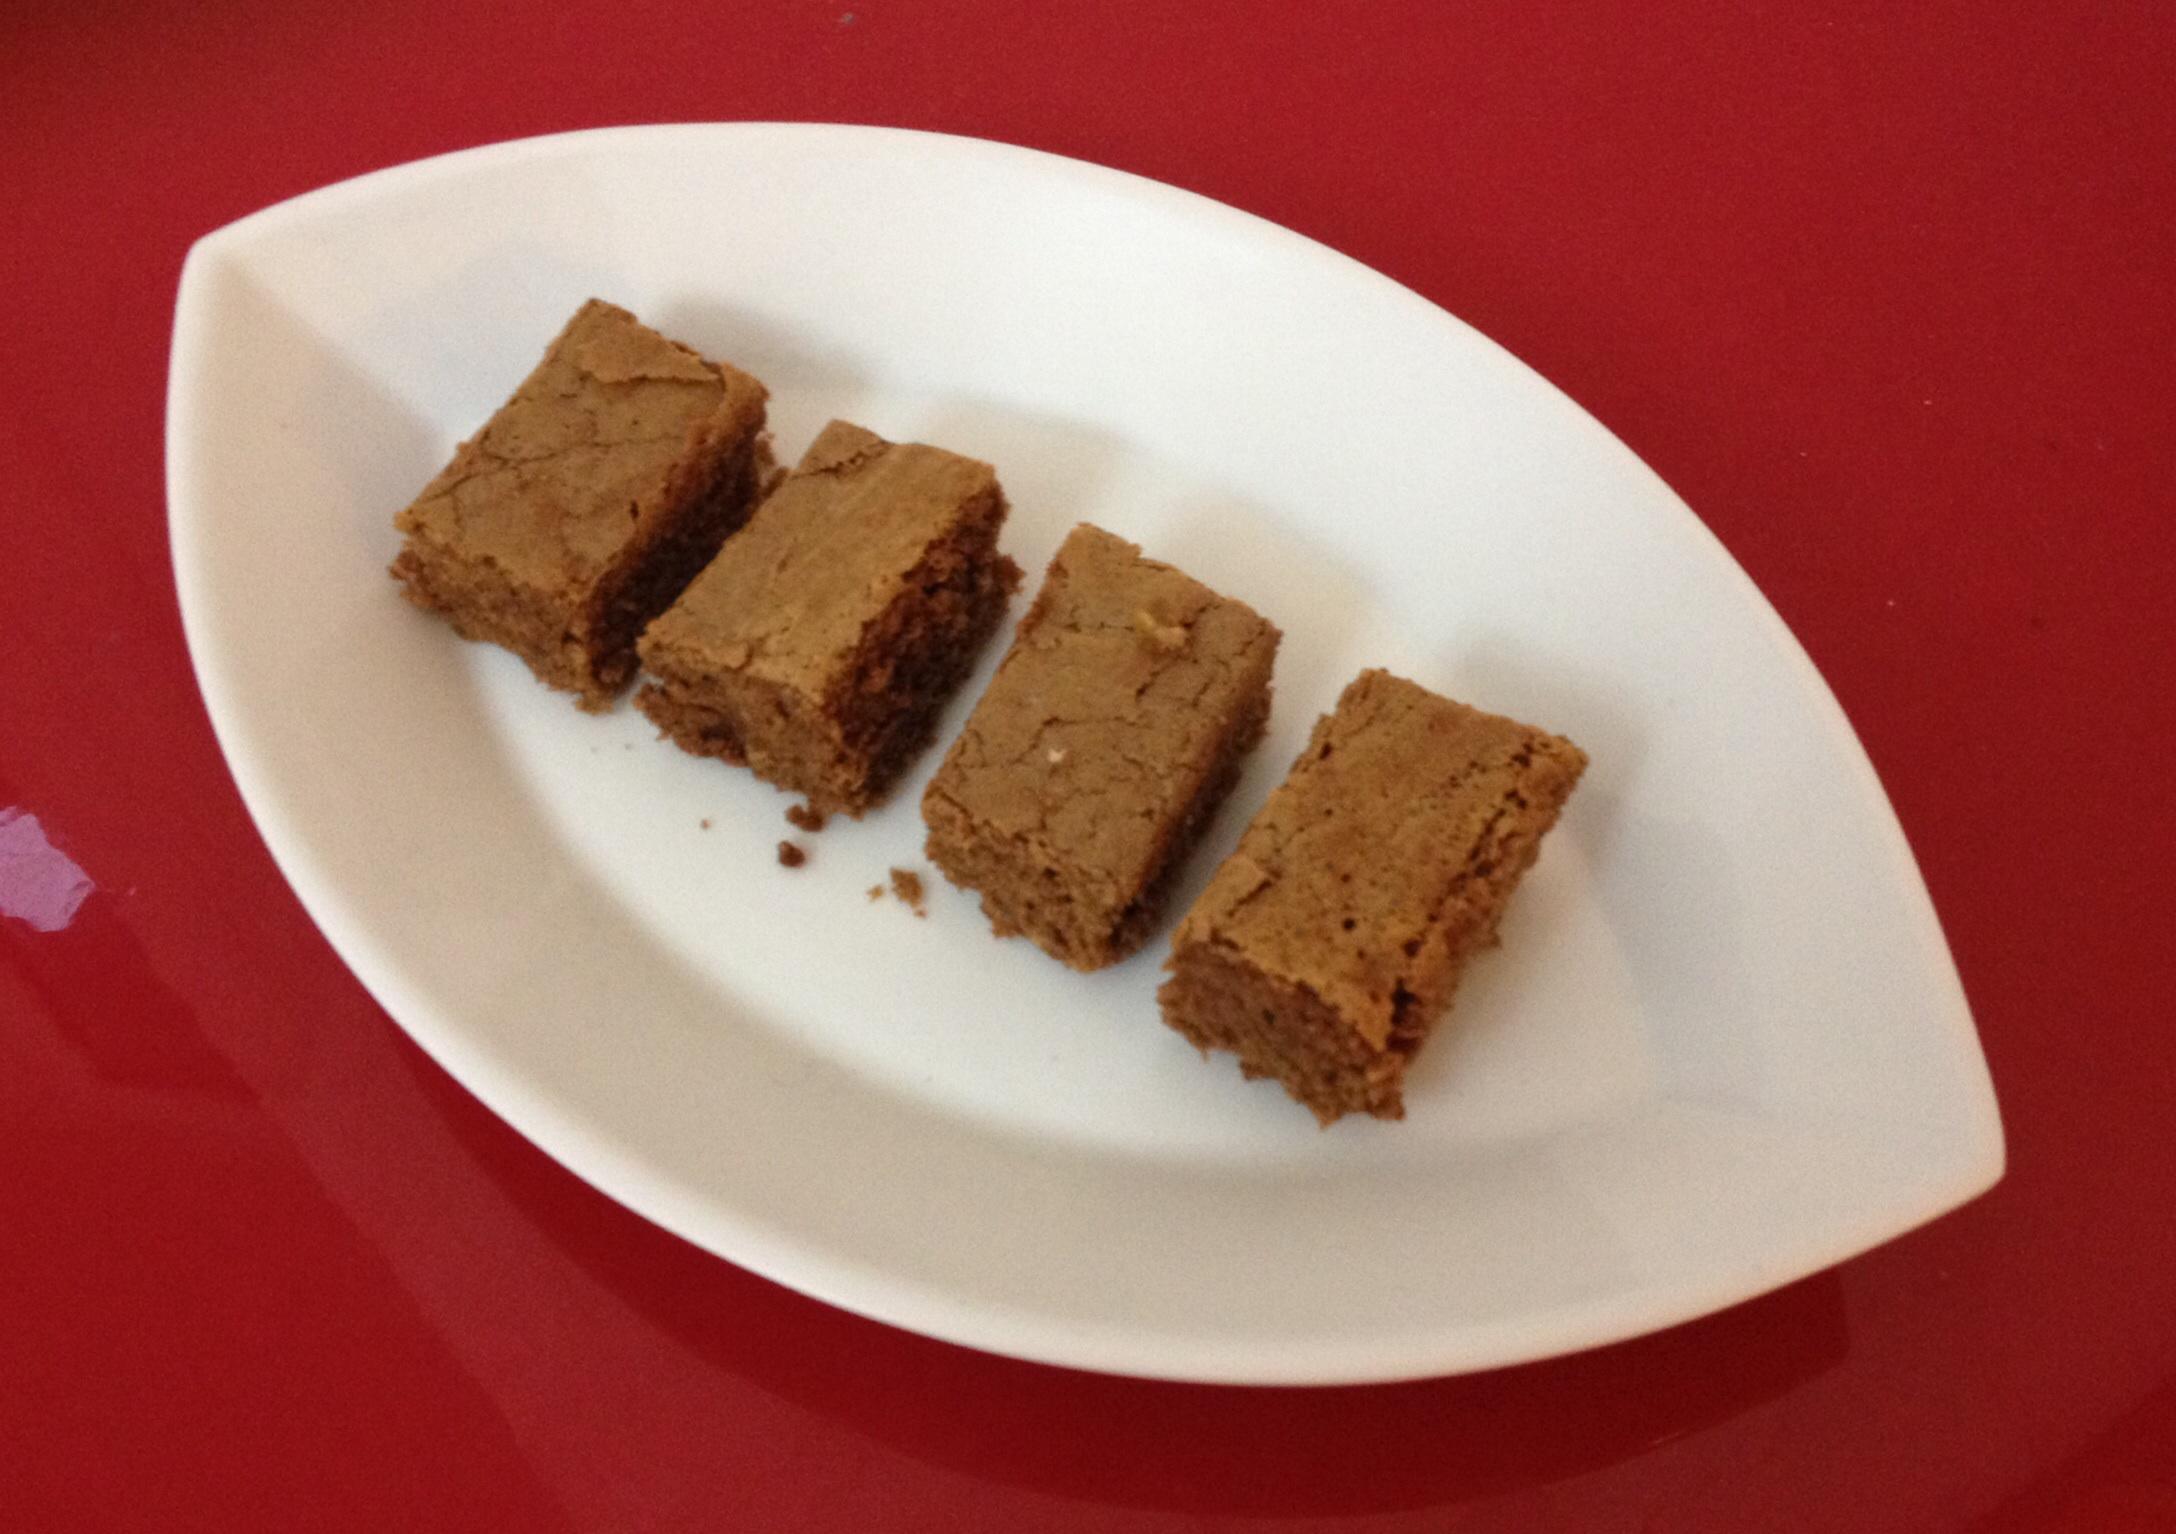 Torta cioccolato e mandorle (foresta nera)